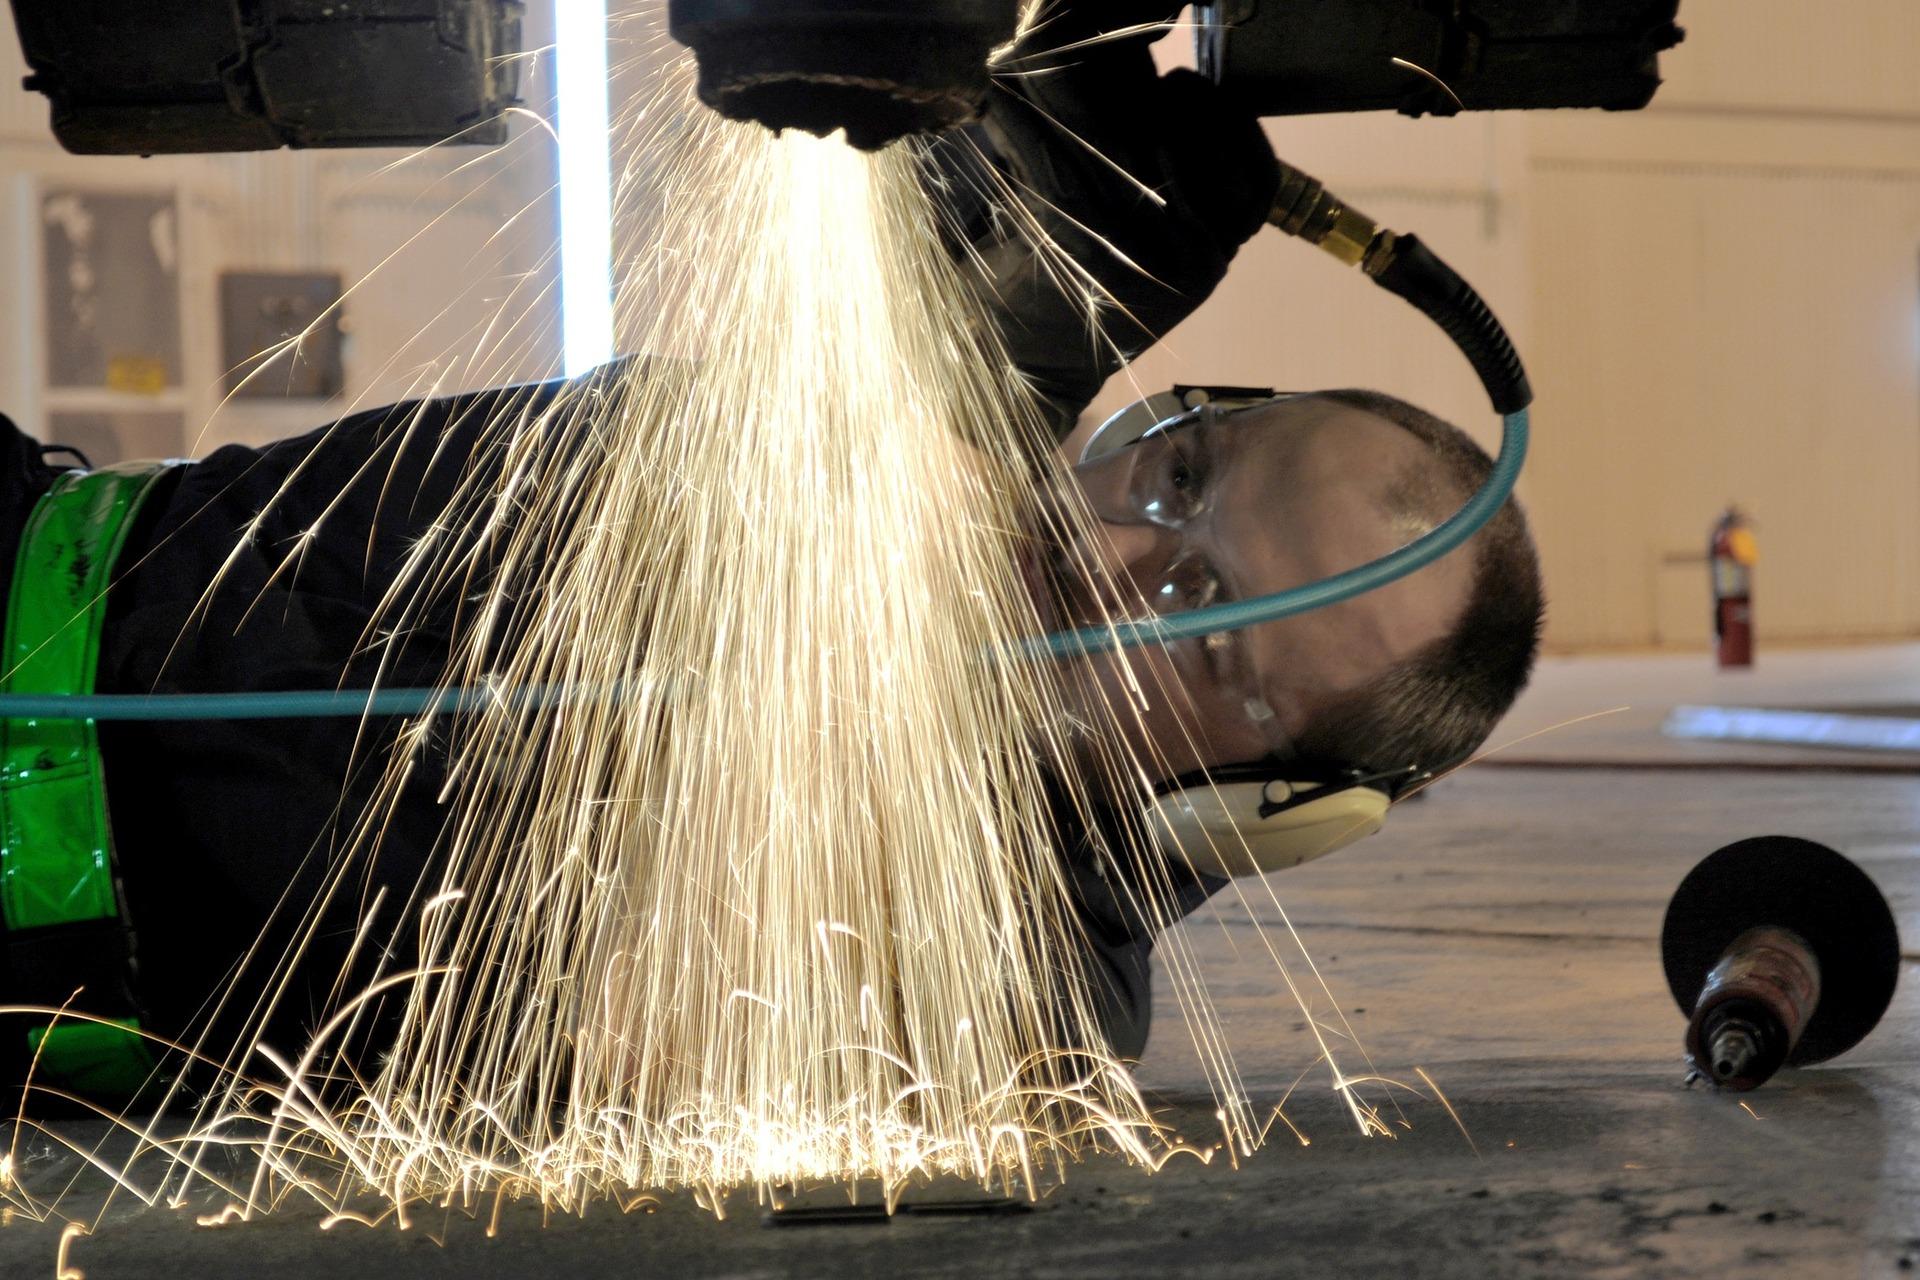 métier-mécanicien-aéronautique-industrie